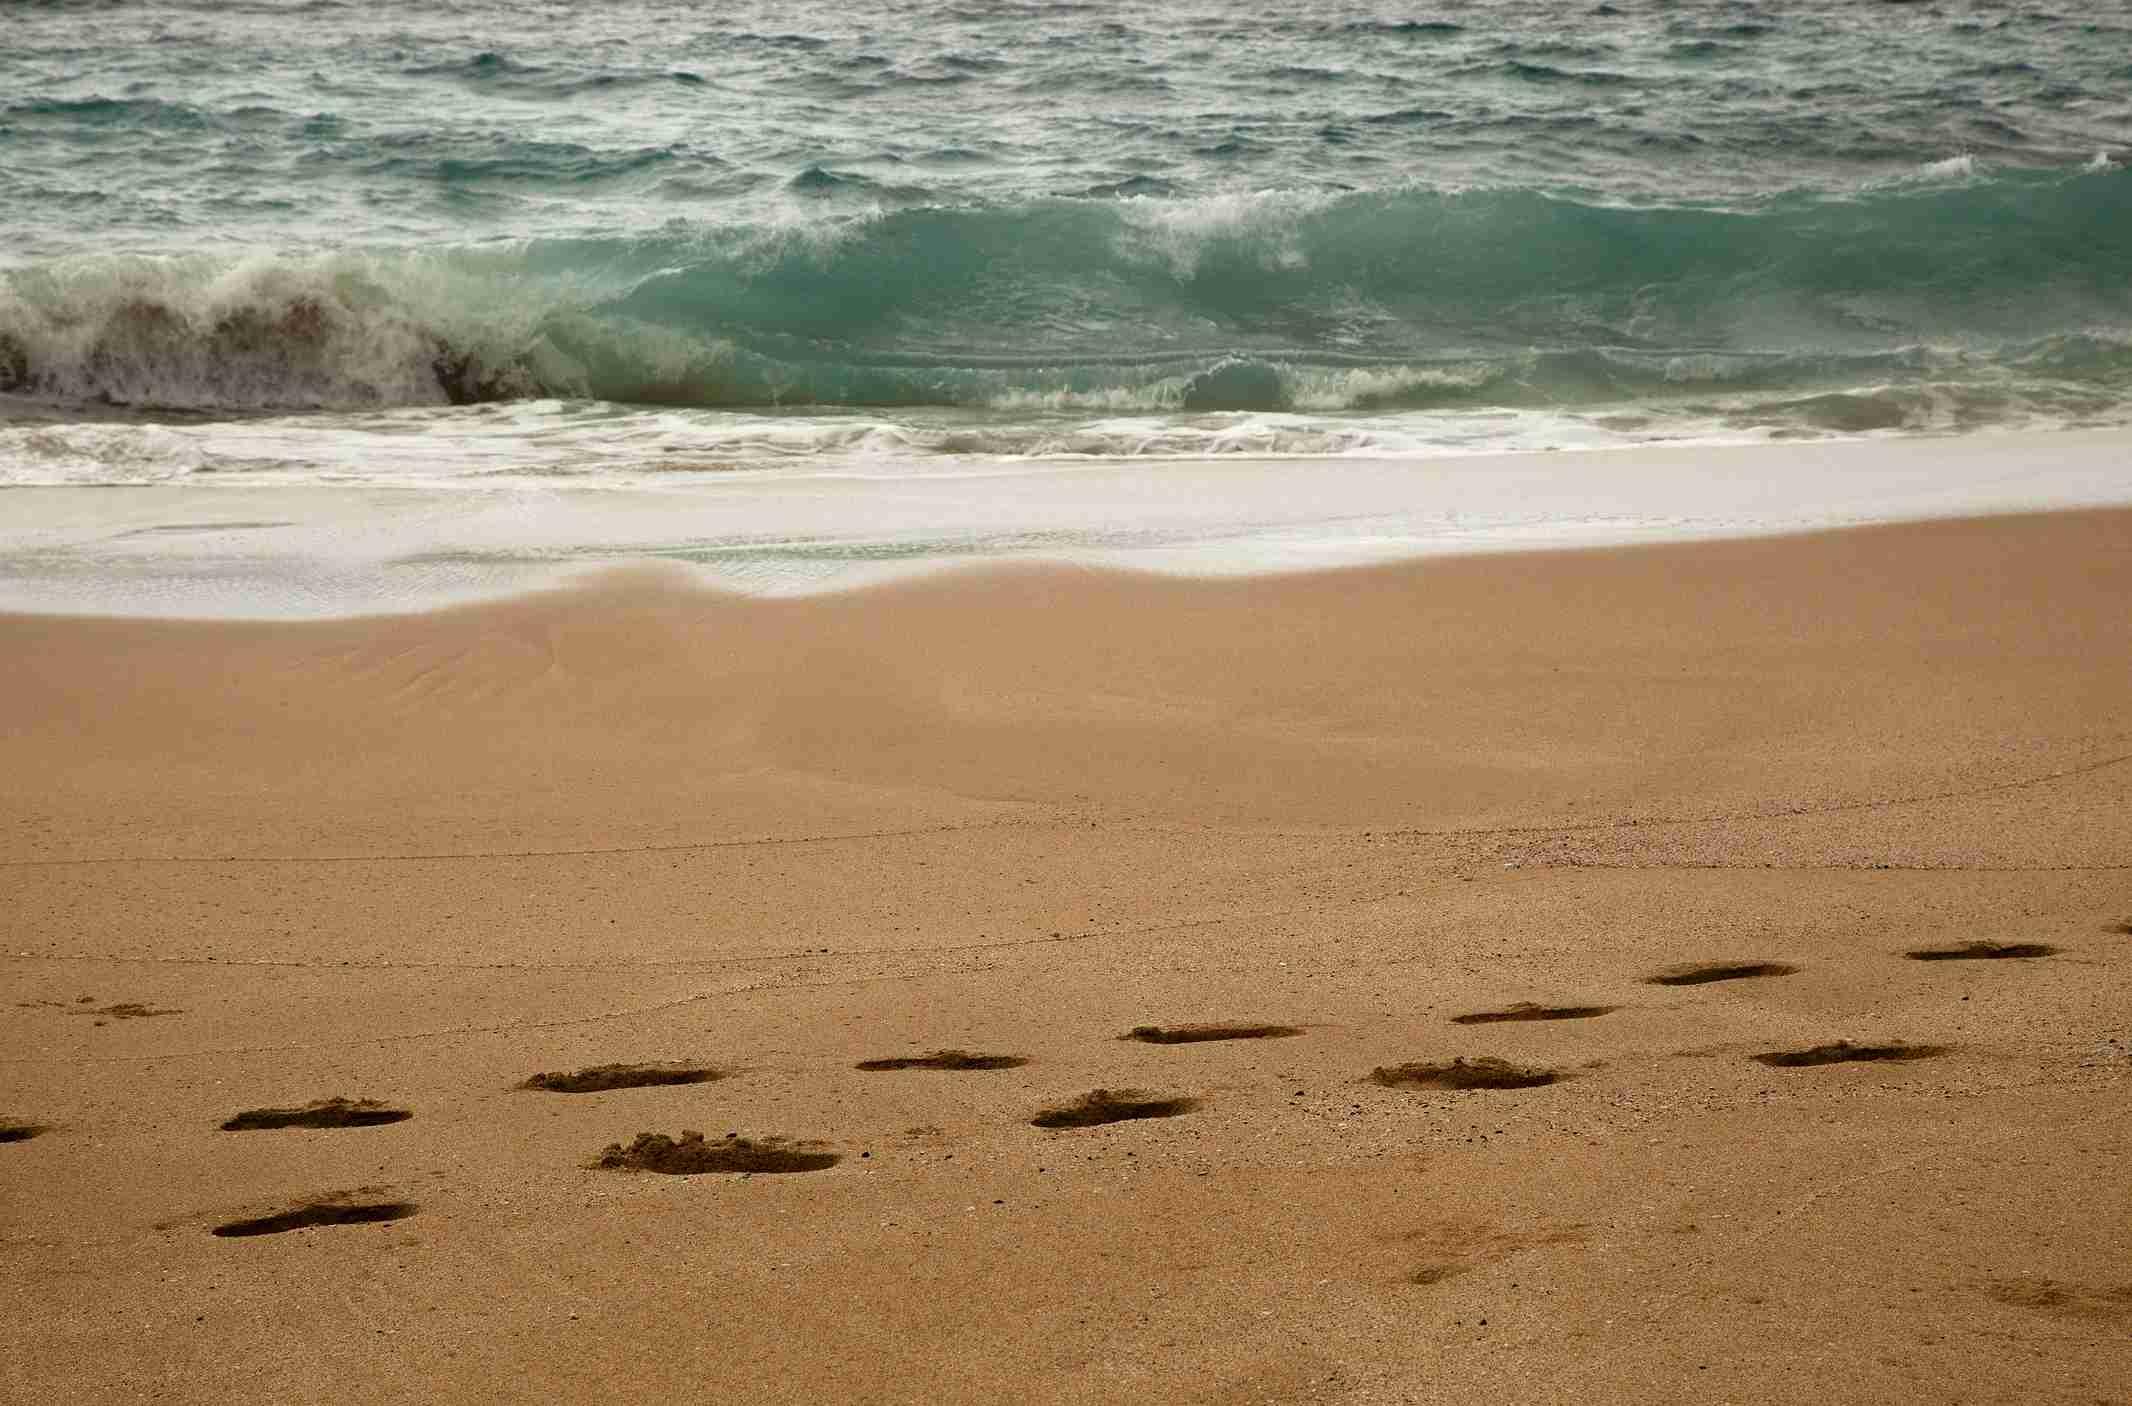 Footprints on Molokai Beach.